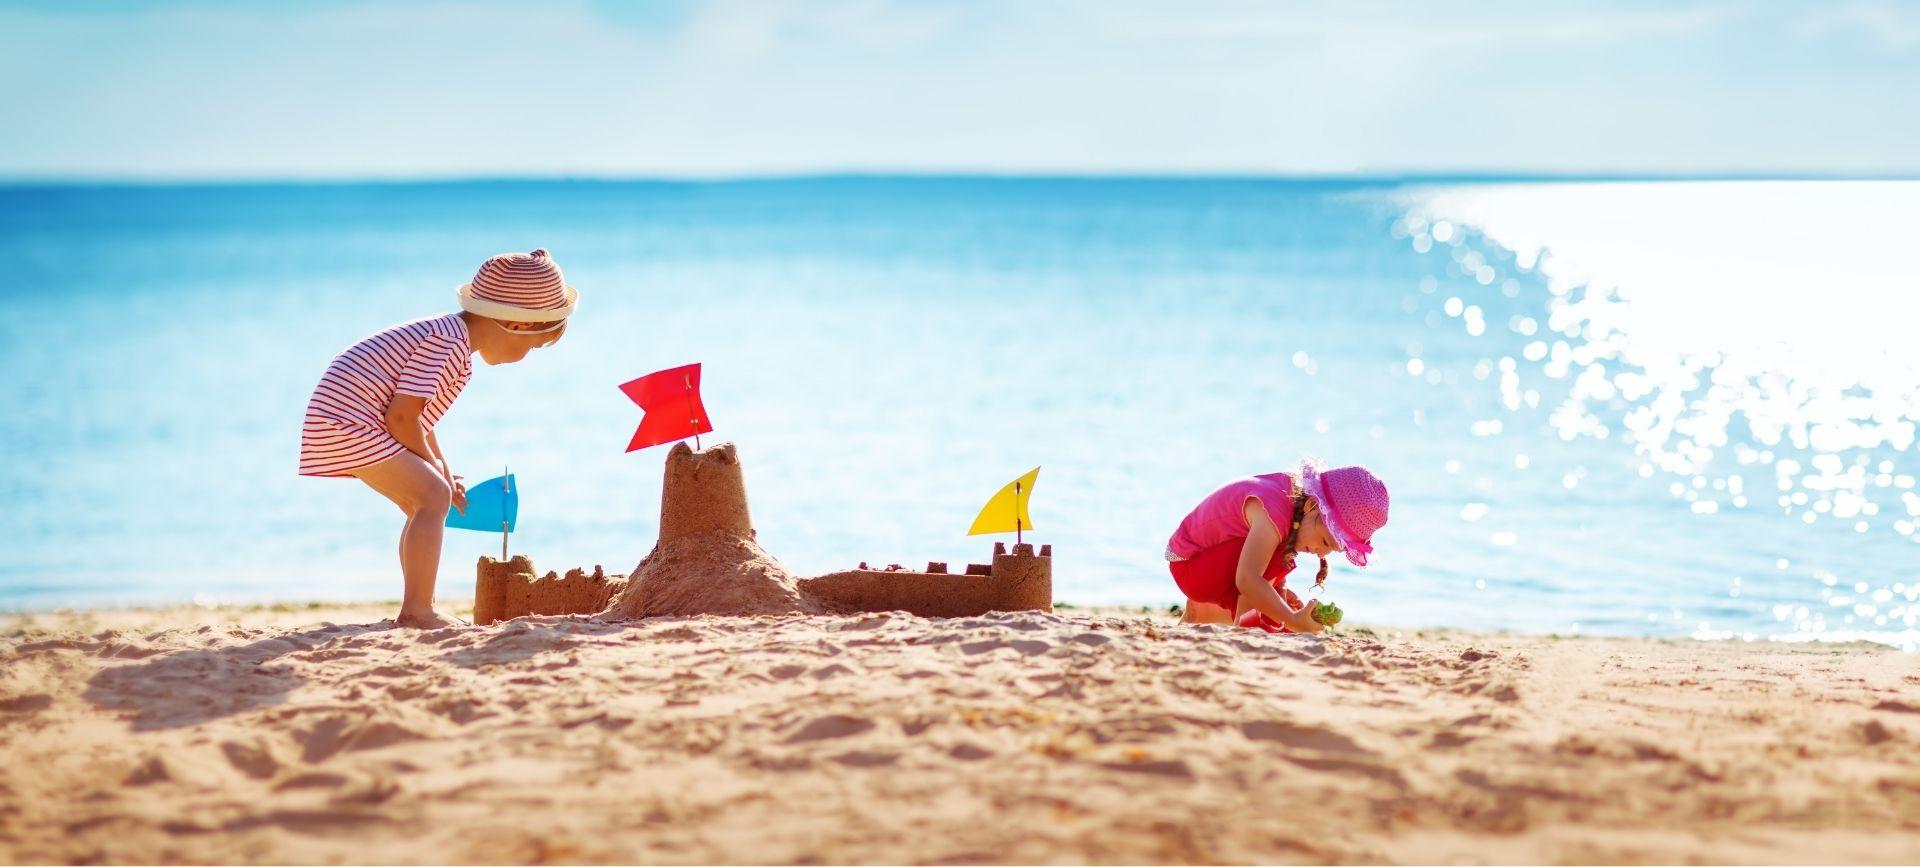 Les Pieds dans l'Eau - enfant plage